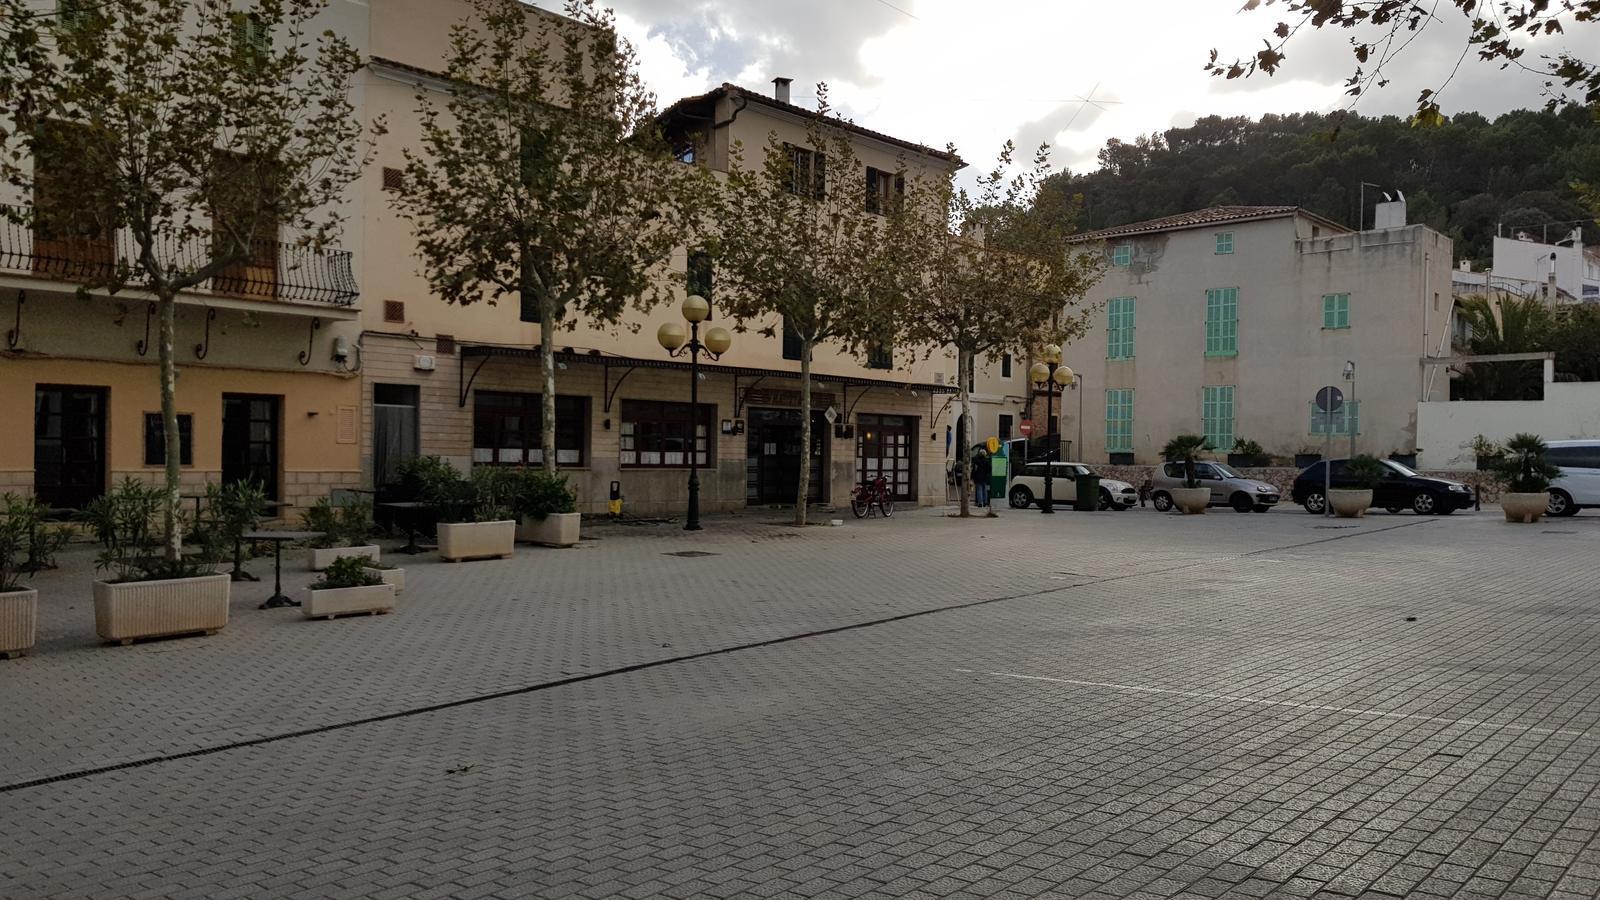 La plaça de l'Orient és un dels espais més amplis del centre de Capdepera.